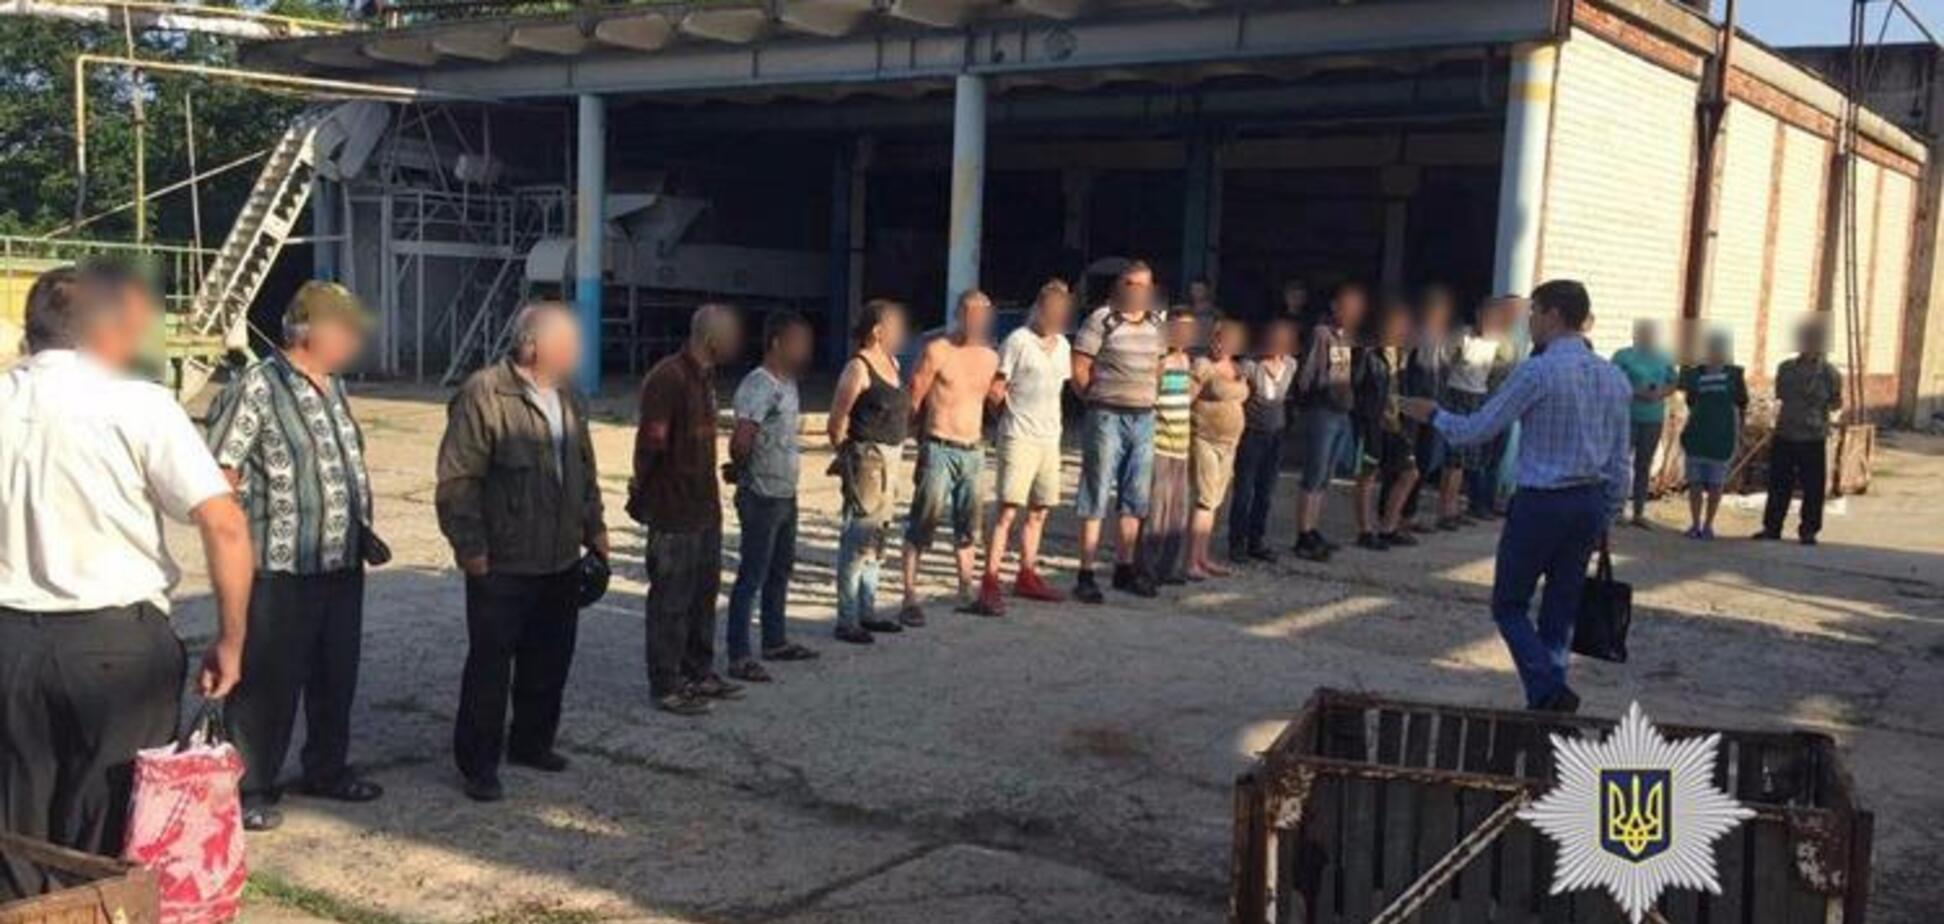 'Причетна до керівництва': хто тримав десятки 'рабів' на Одещині